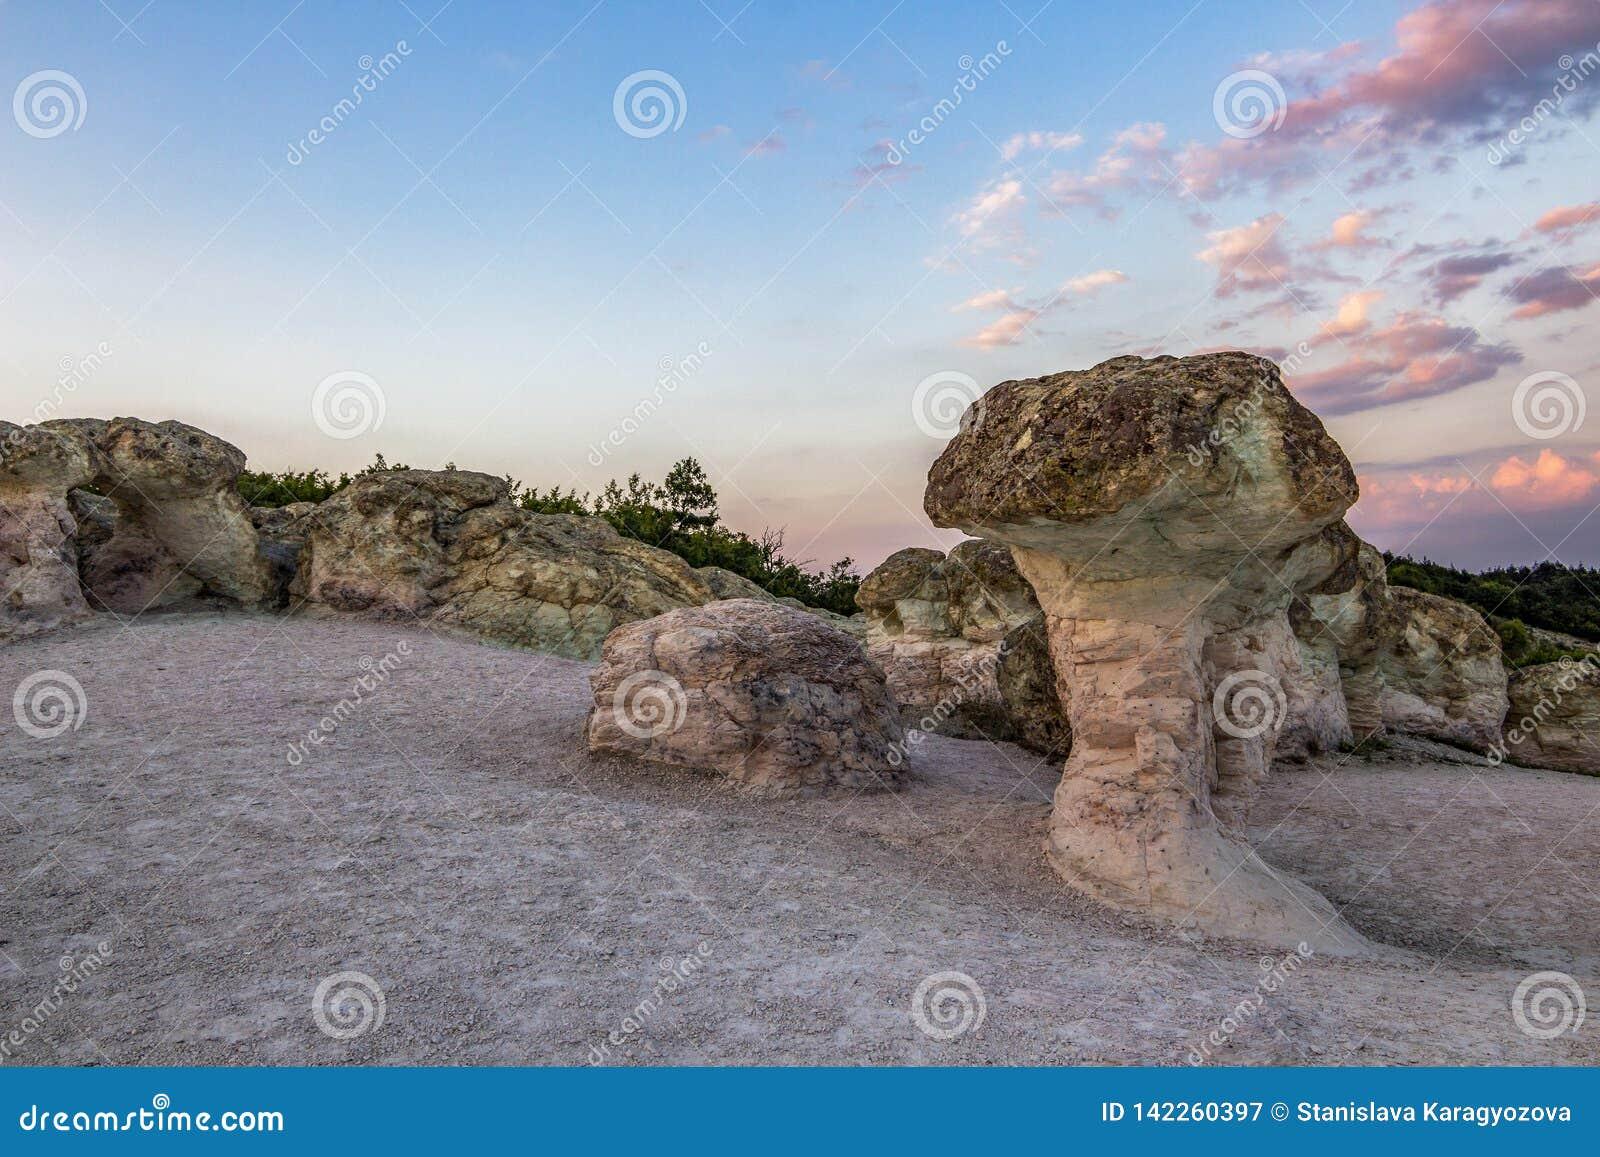 Les champignons de pierre près du village de Beli Plast, Bulgarie